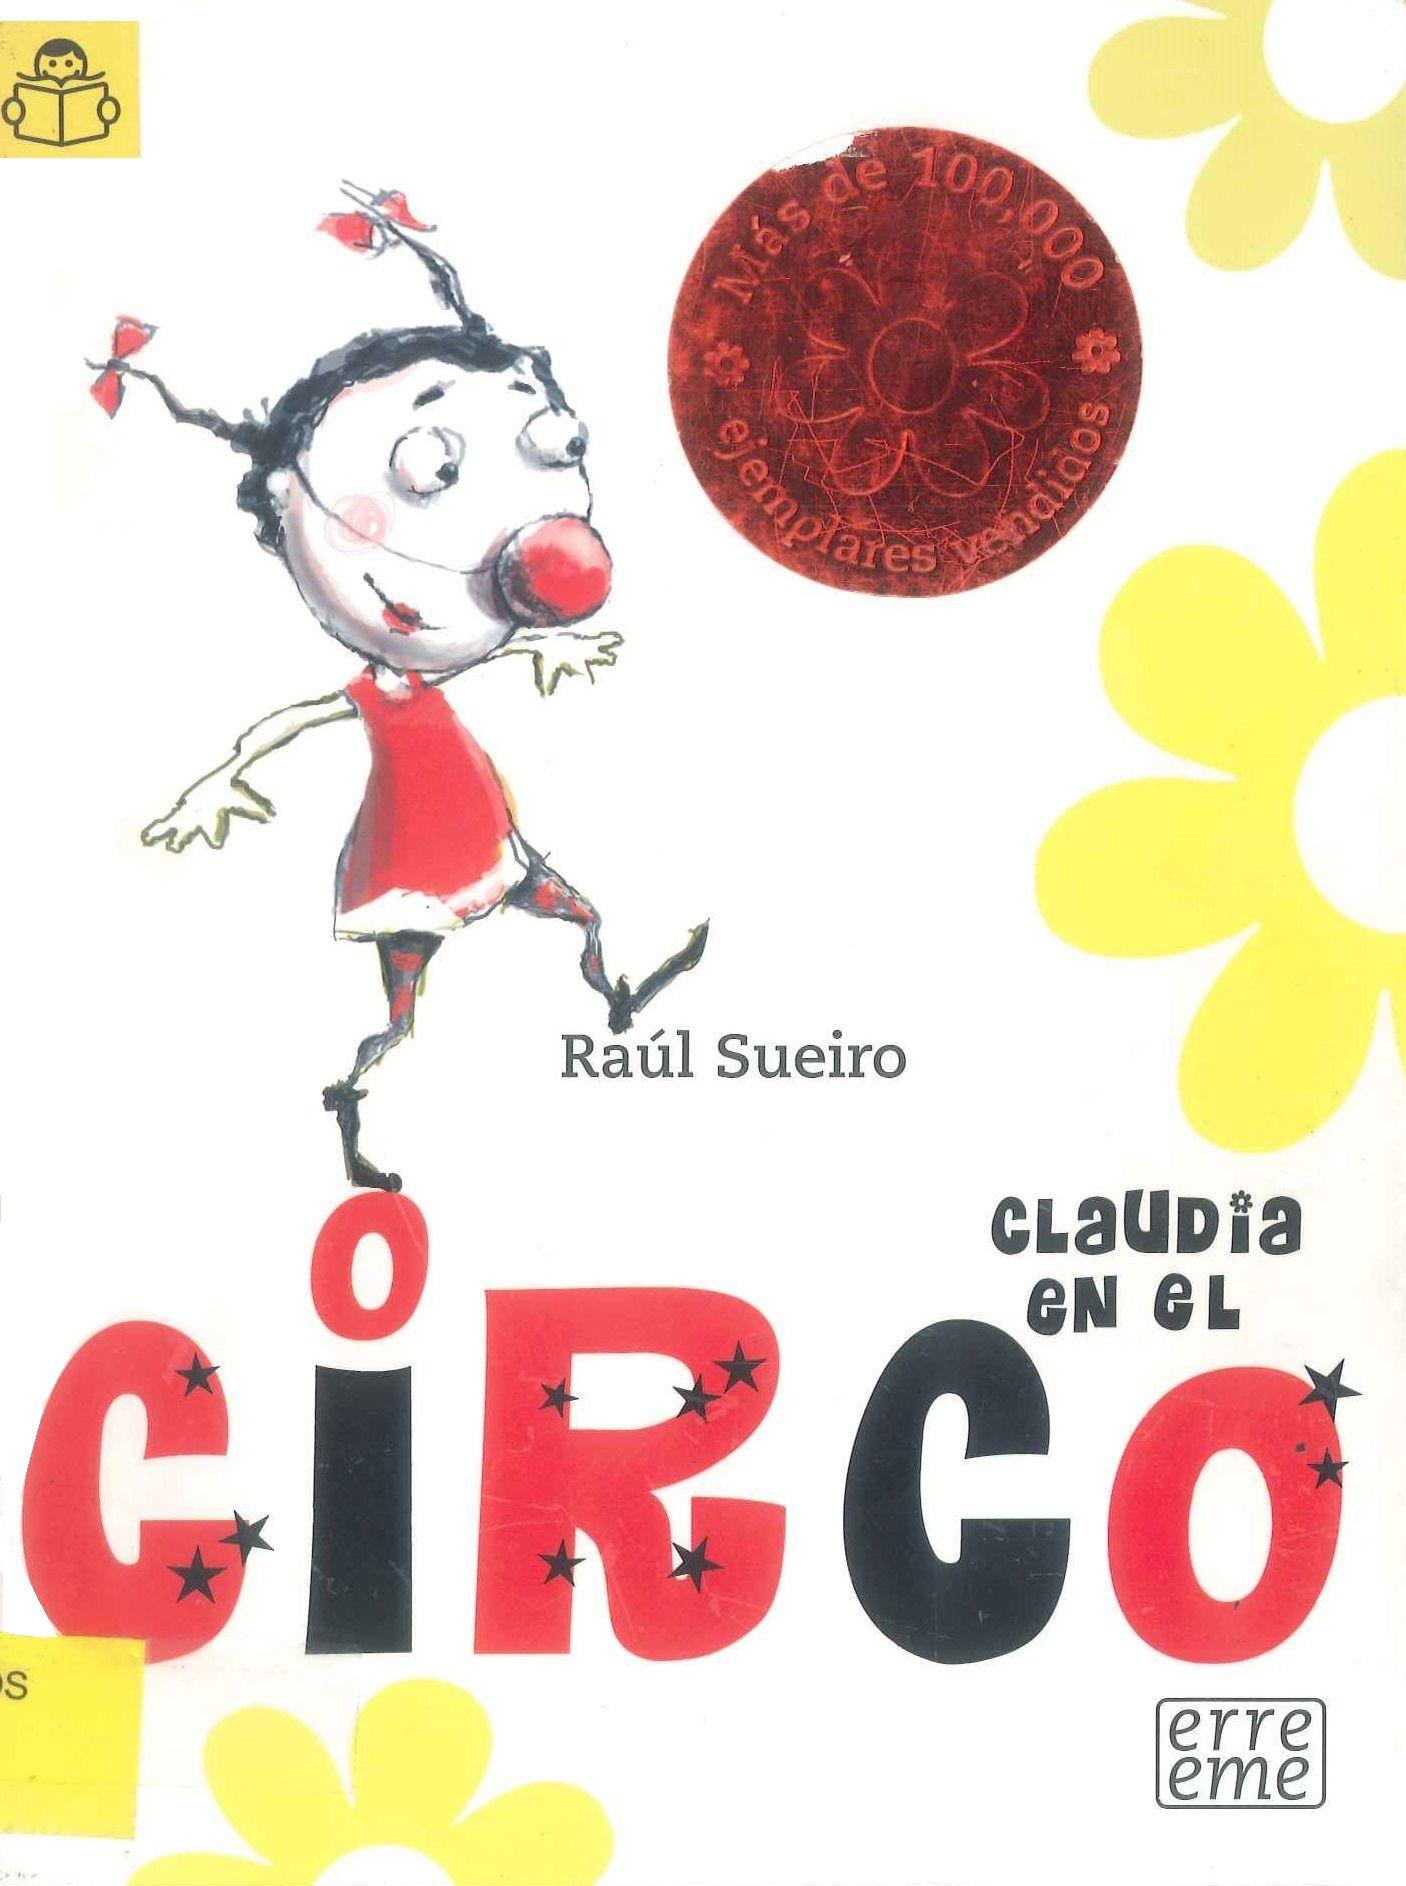 CLAUDIA EN EL CIRCO / Raúl Sueiro. Claudia es una niña con dos coletas y una nariz de payaso que posee una gran imaginación. Un día se imagina que vive en un circo y que tiene la oportunidad de jugar con los animales, ensayar trucos de magia, hacer malabarismos y acrobacias. Búscalo en http://absys.asturias.es/cgi-abnet_Bast/abnetop?ACC=DOSEARCH&xsqf01=claudia+circo+sueiro #soyunaniña #niñasdivertidas #niñasconimaginacion